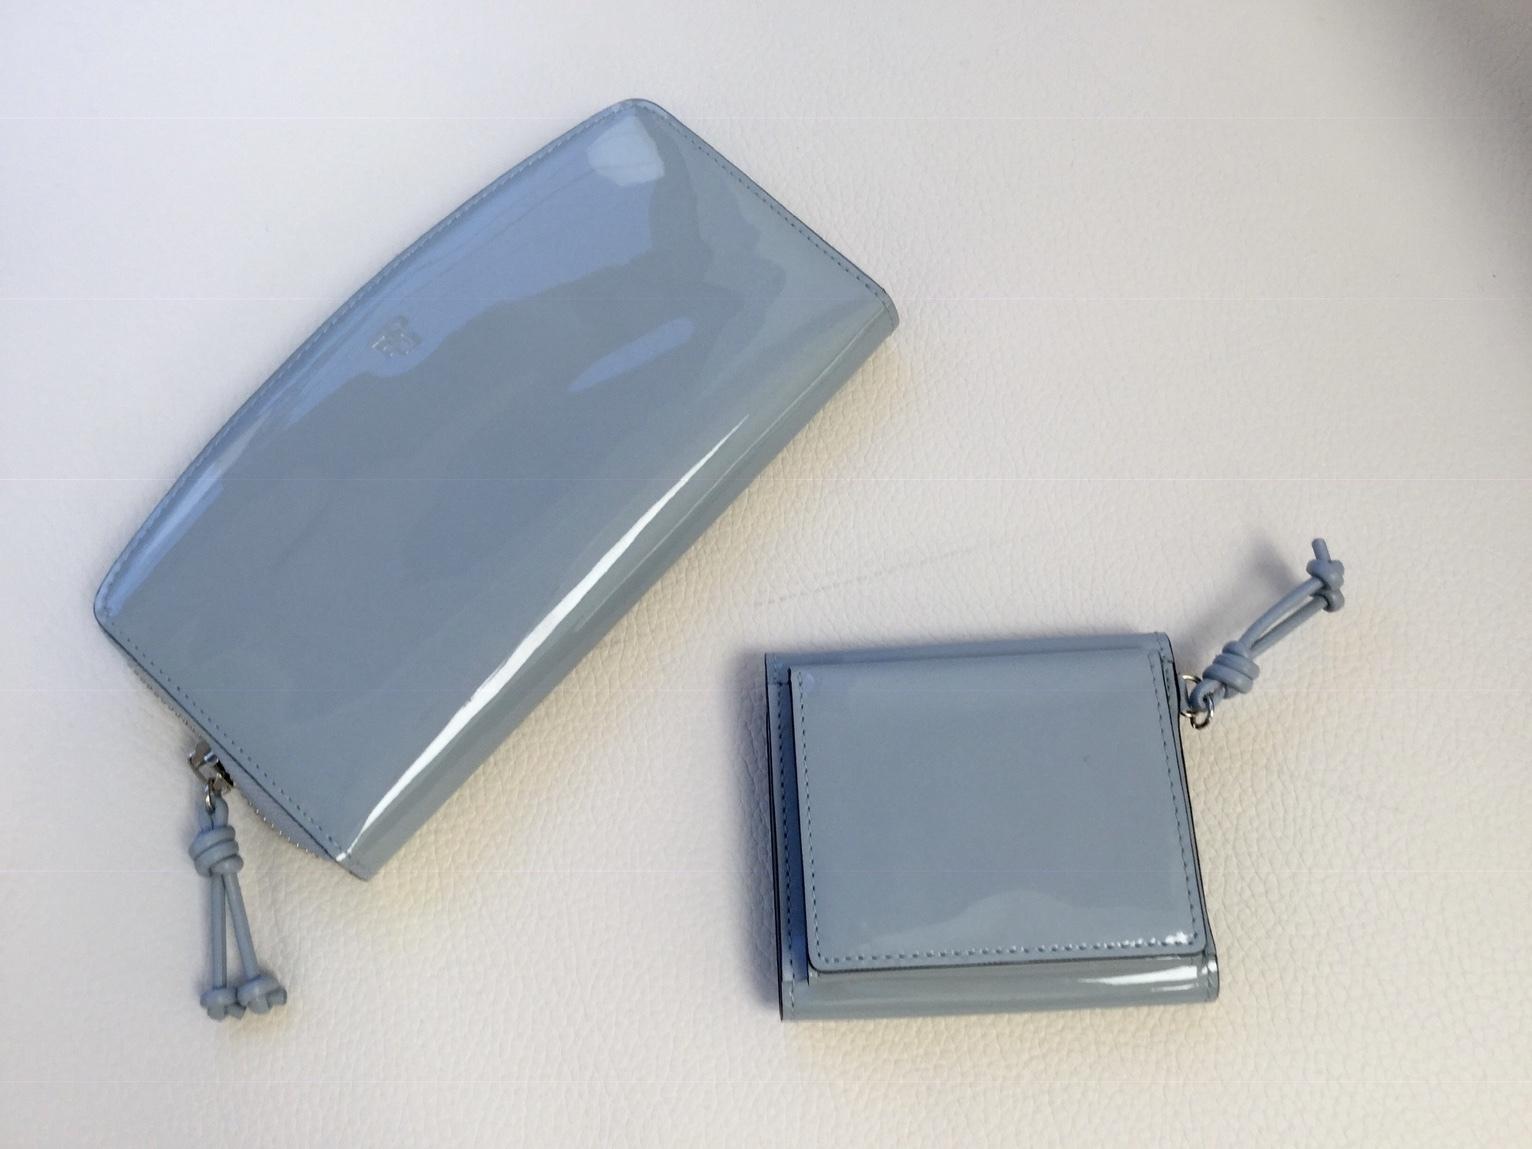 新しい財布にするならば_b0210699_23000659.jpeg